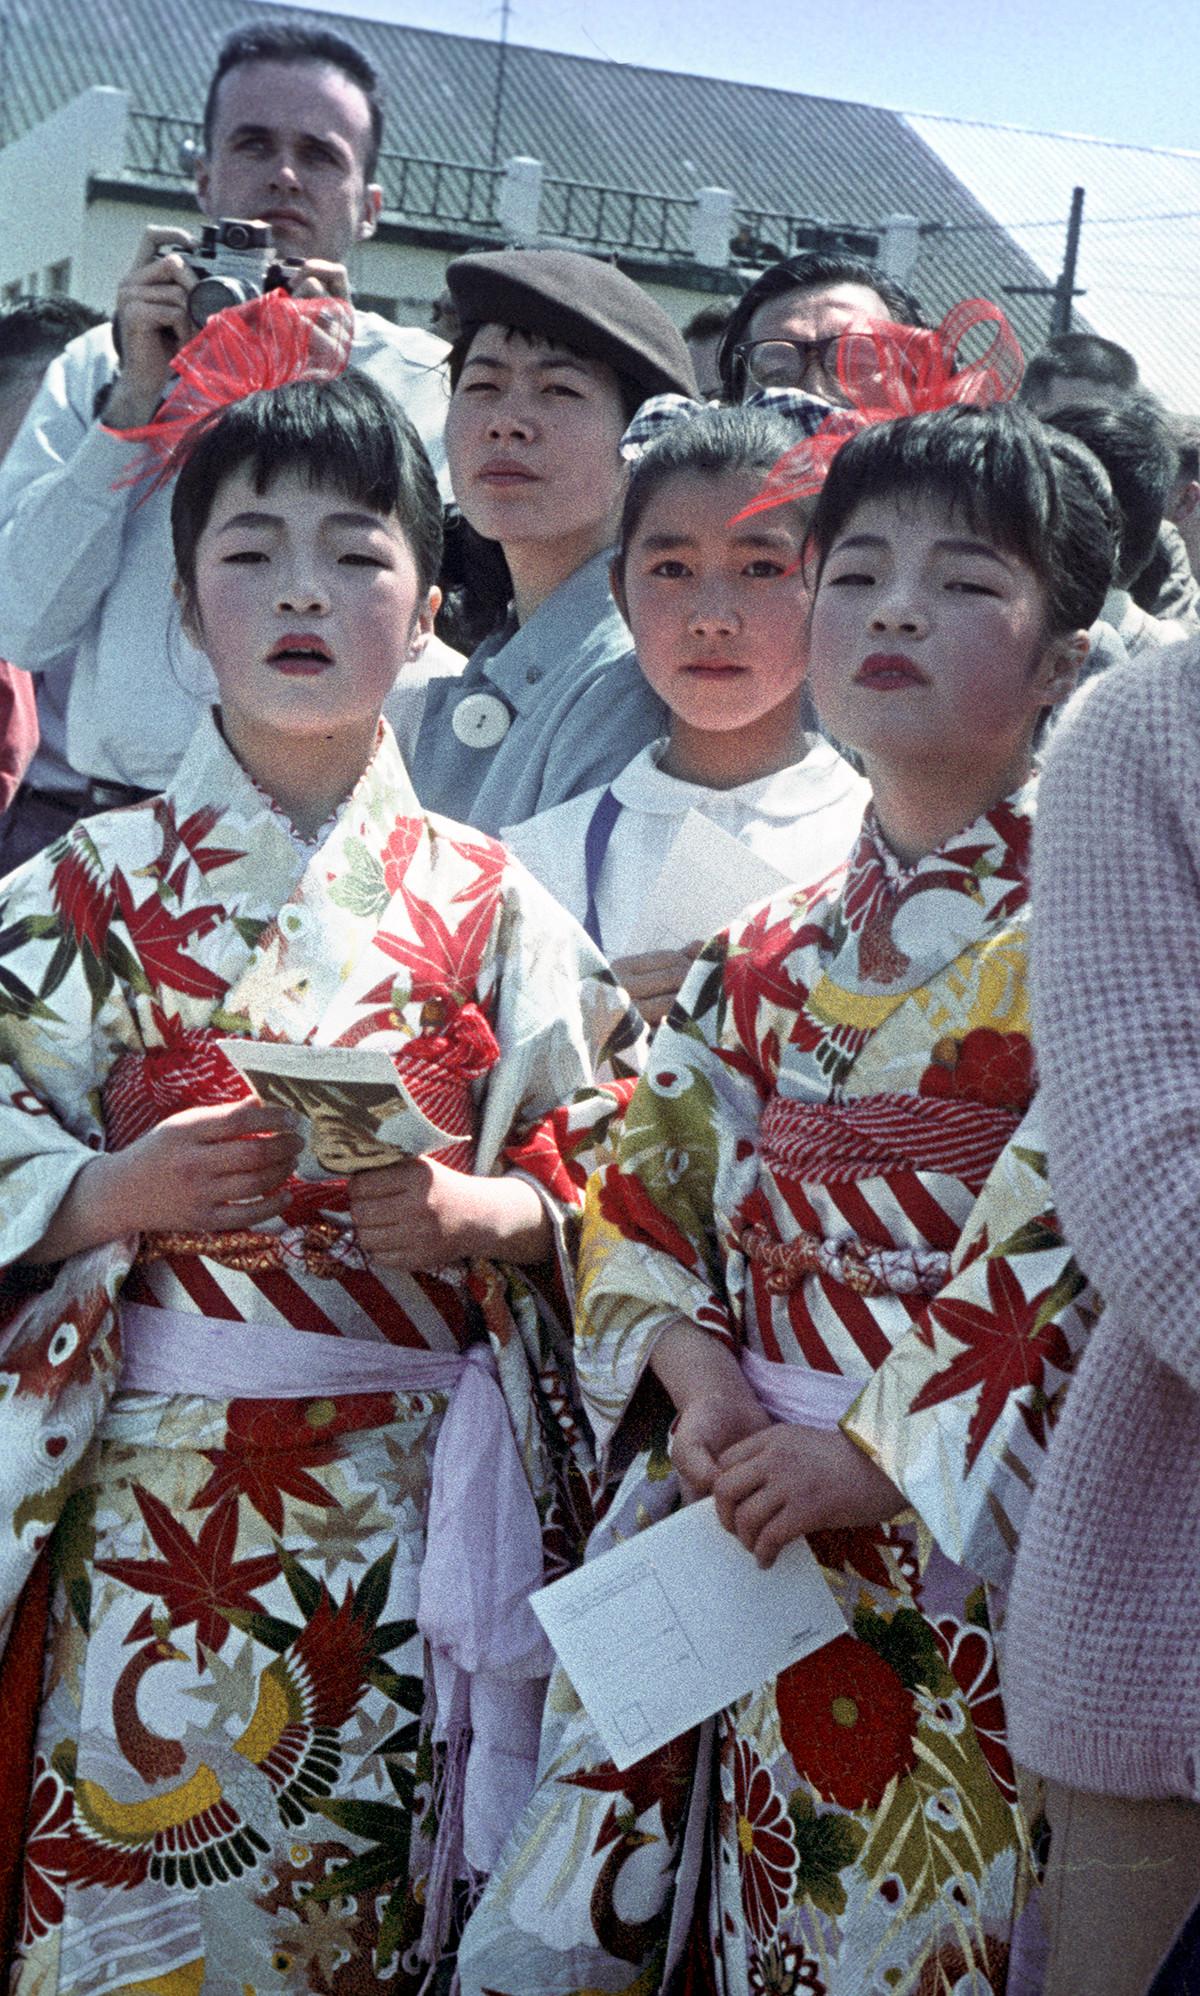 札幌市で、ガガーリン を歓迎する市民